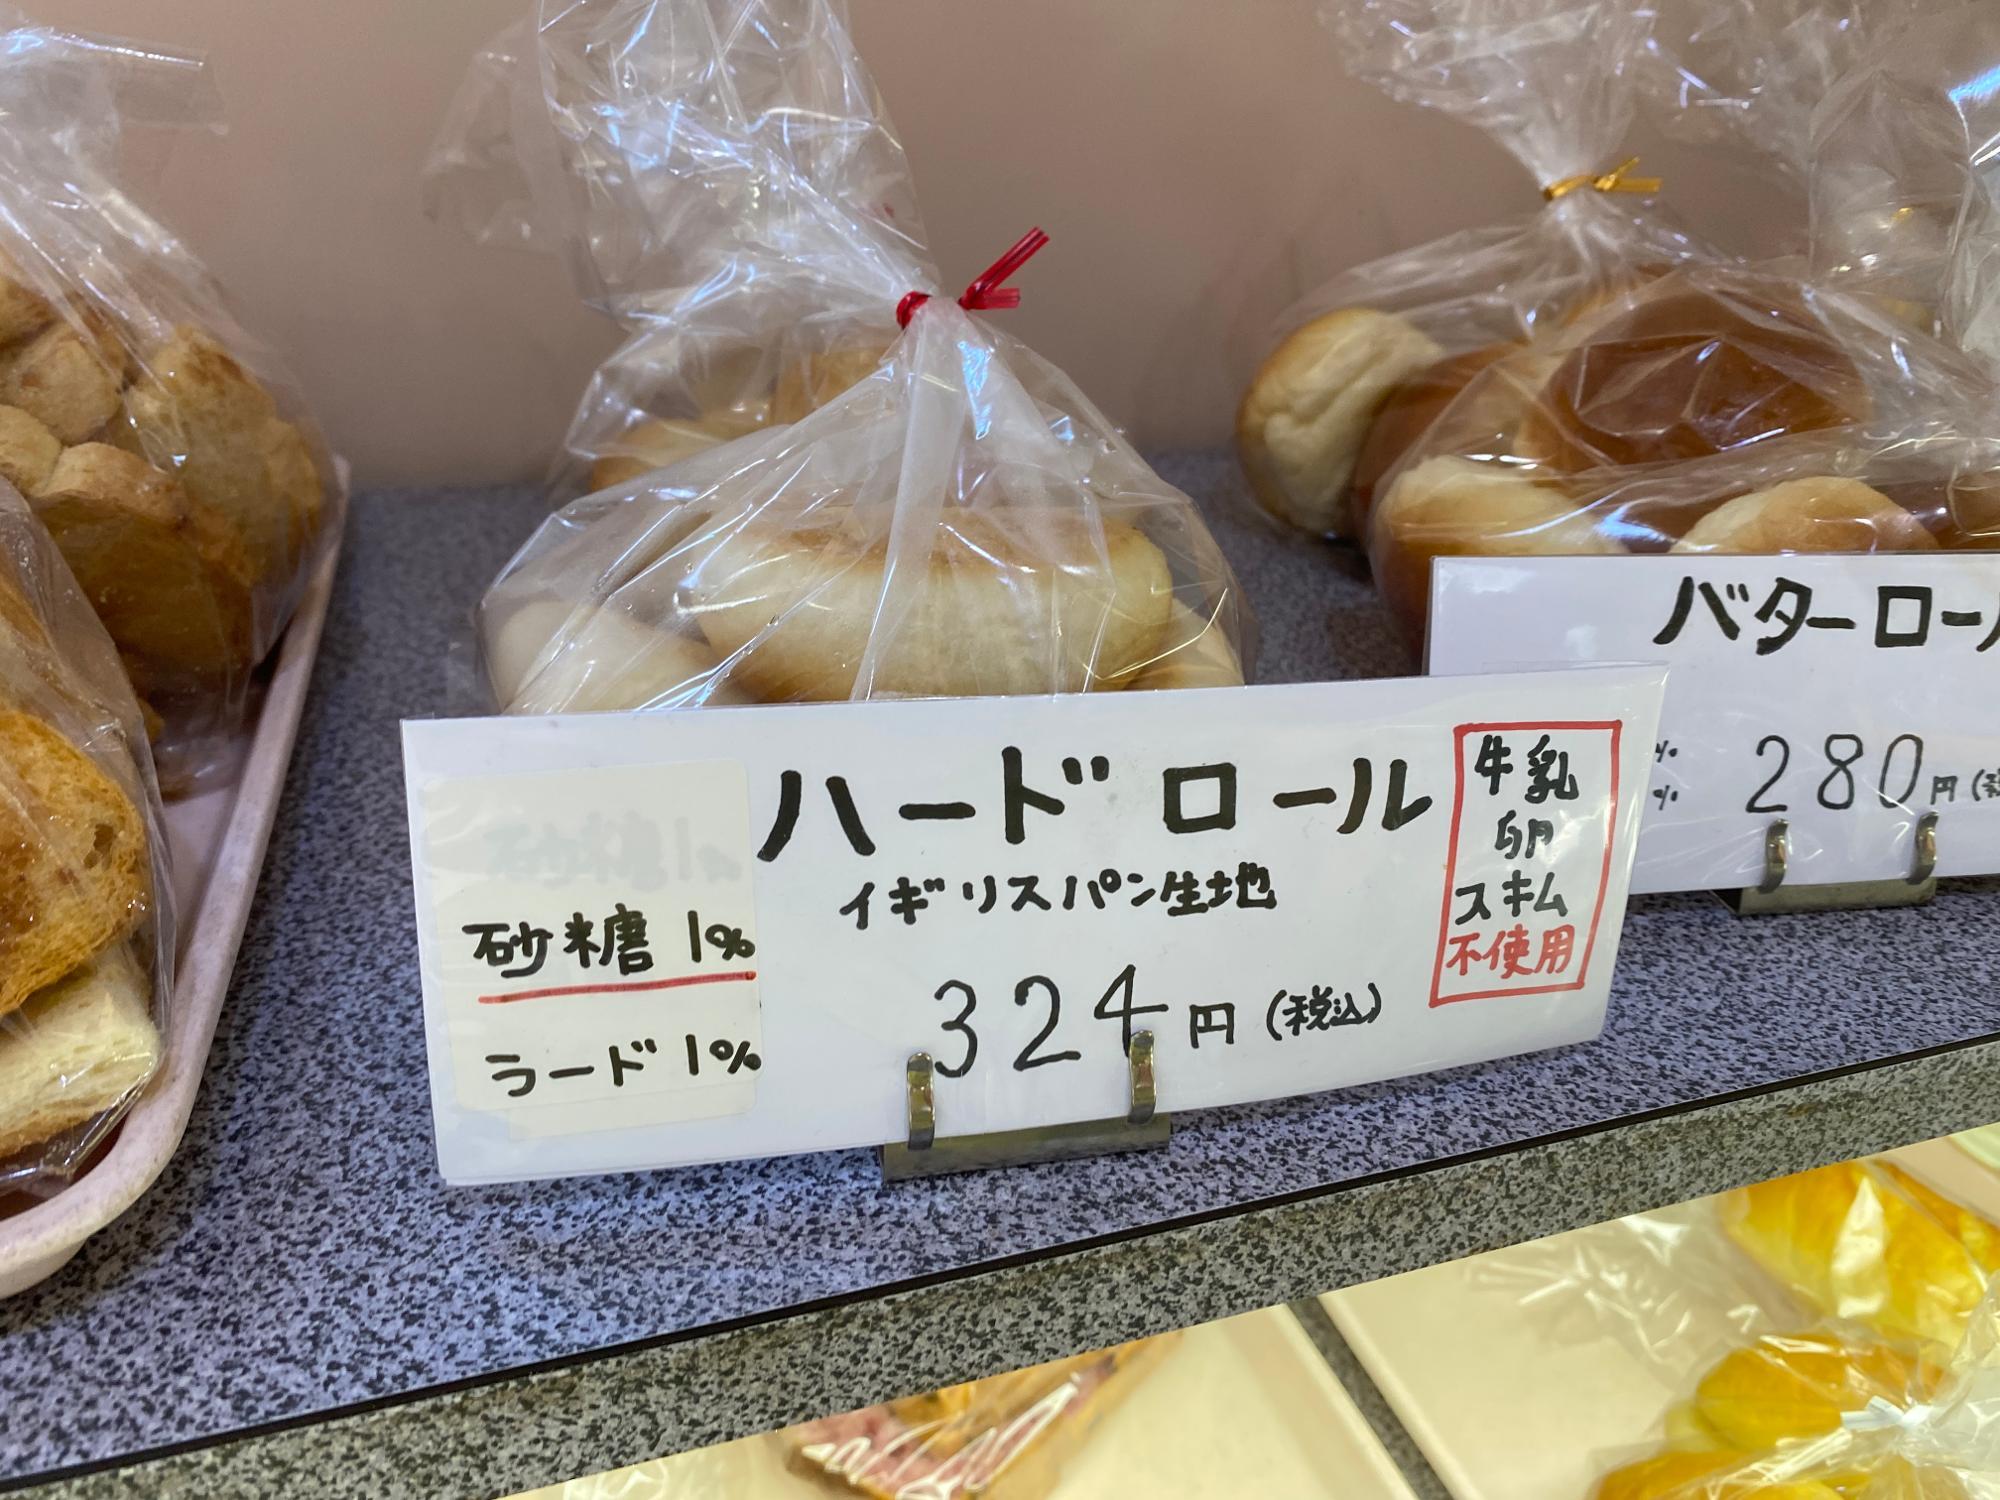 成分が細かく書いてあり、ハードロールは牛乳・卵・スキム不使用。砂糖不使用のパンもあります